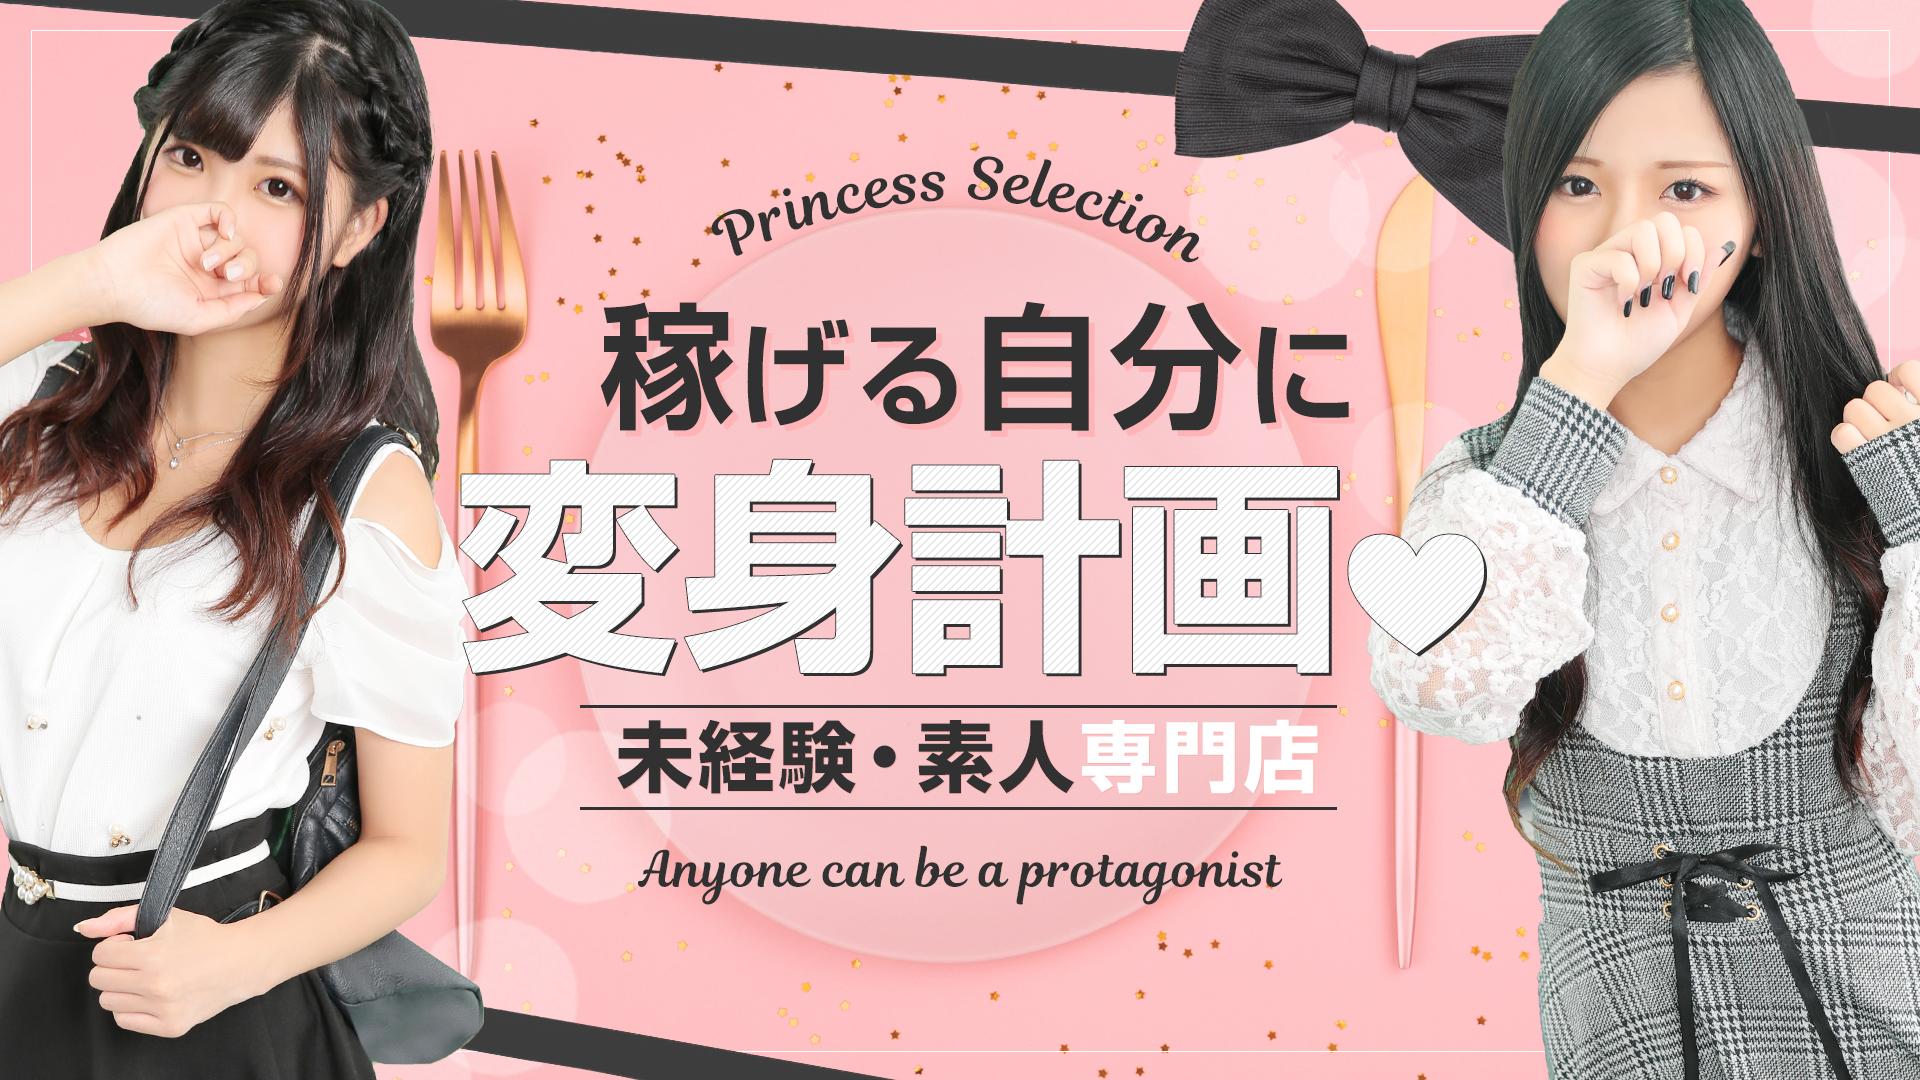 プリンセスセレクション道頓堀店